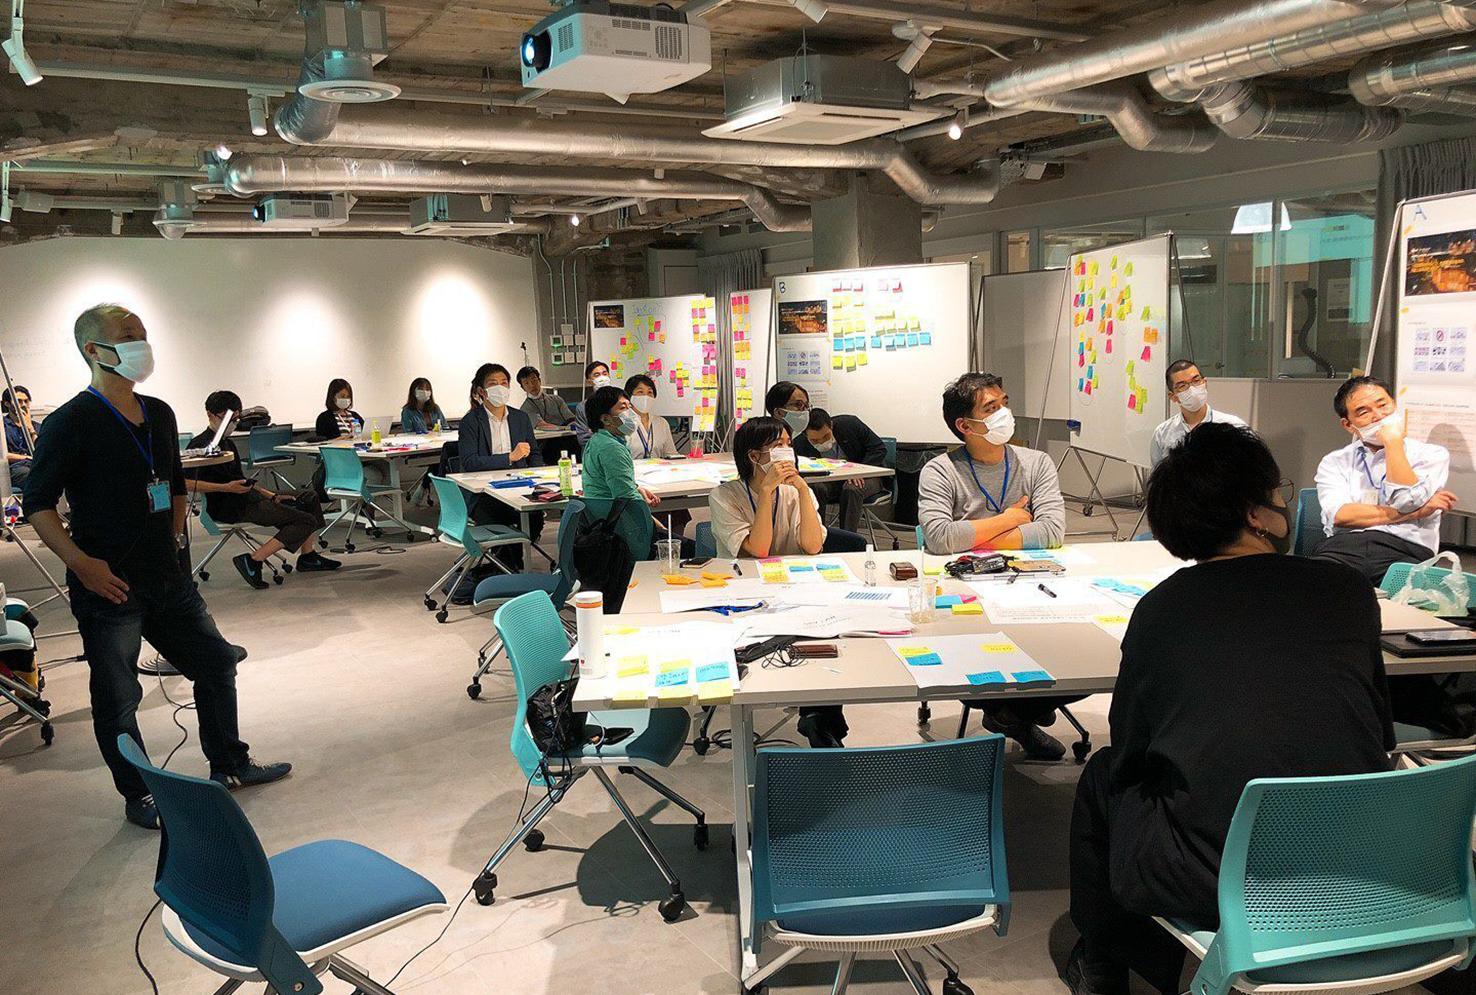 デザイン思考をベースとしたワークショップ